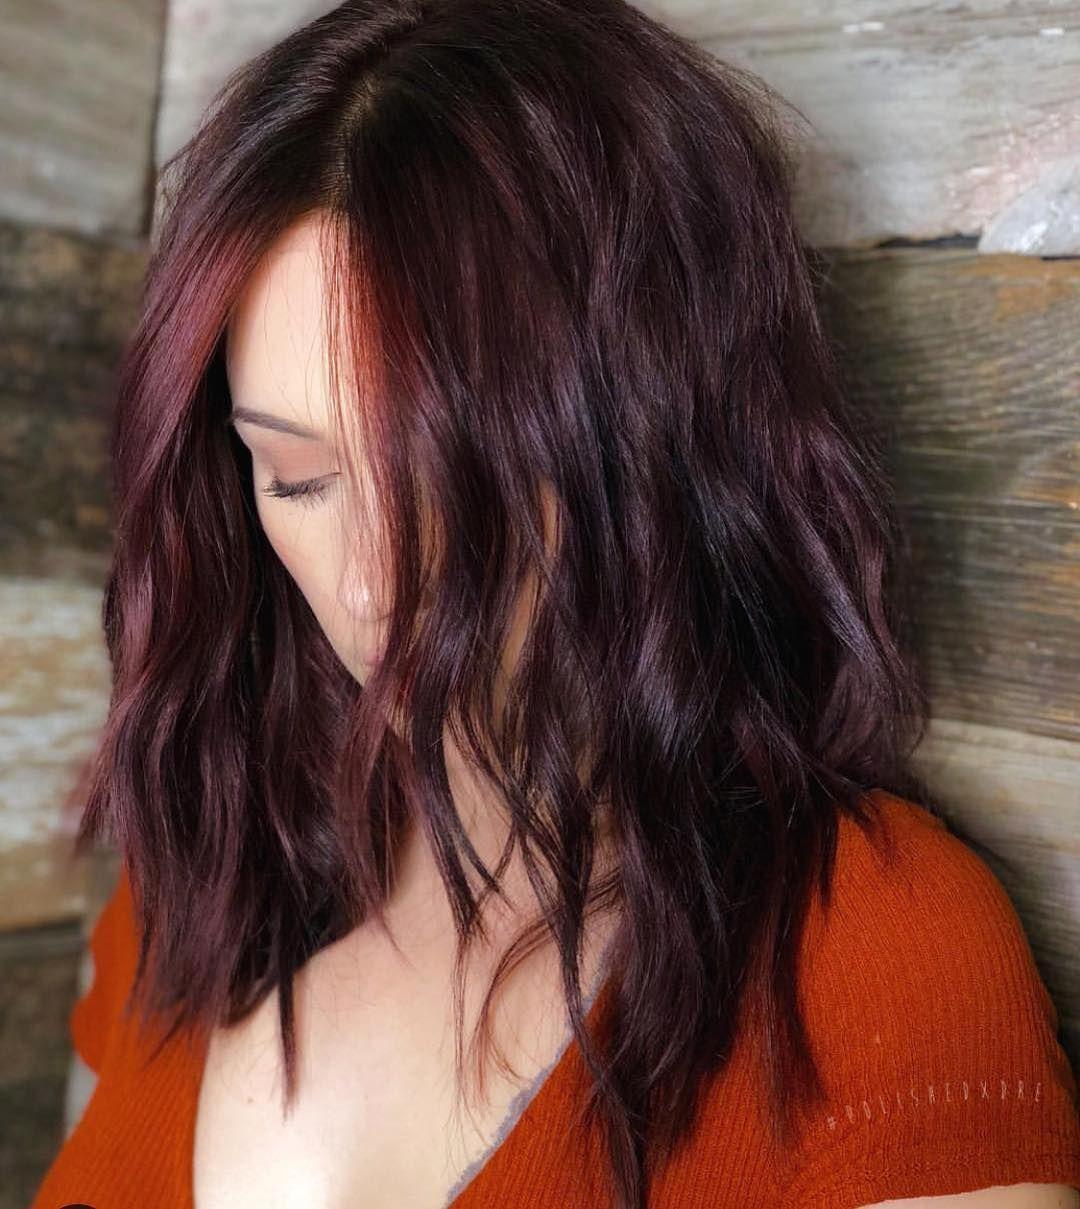 33 Stunning And Mystique Dark Red Hairstyles Burgundy Hair